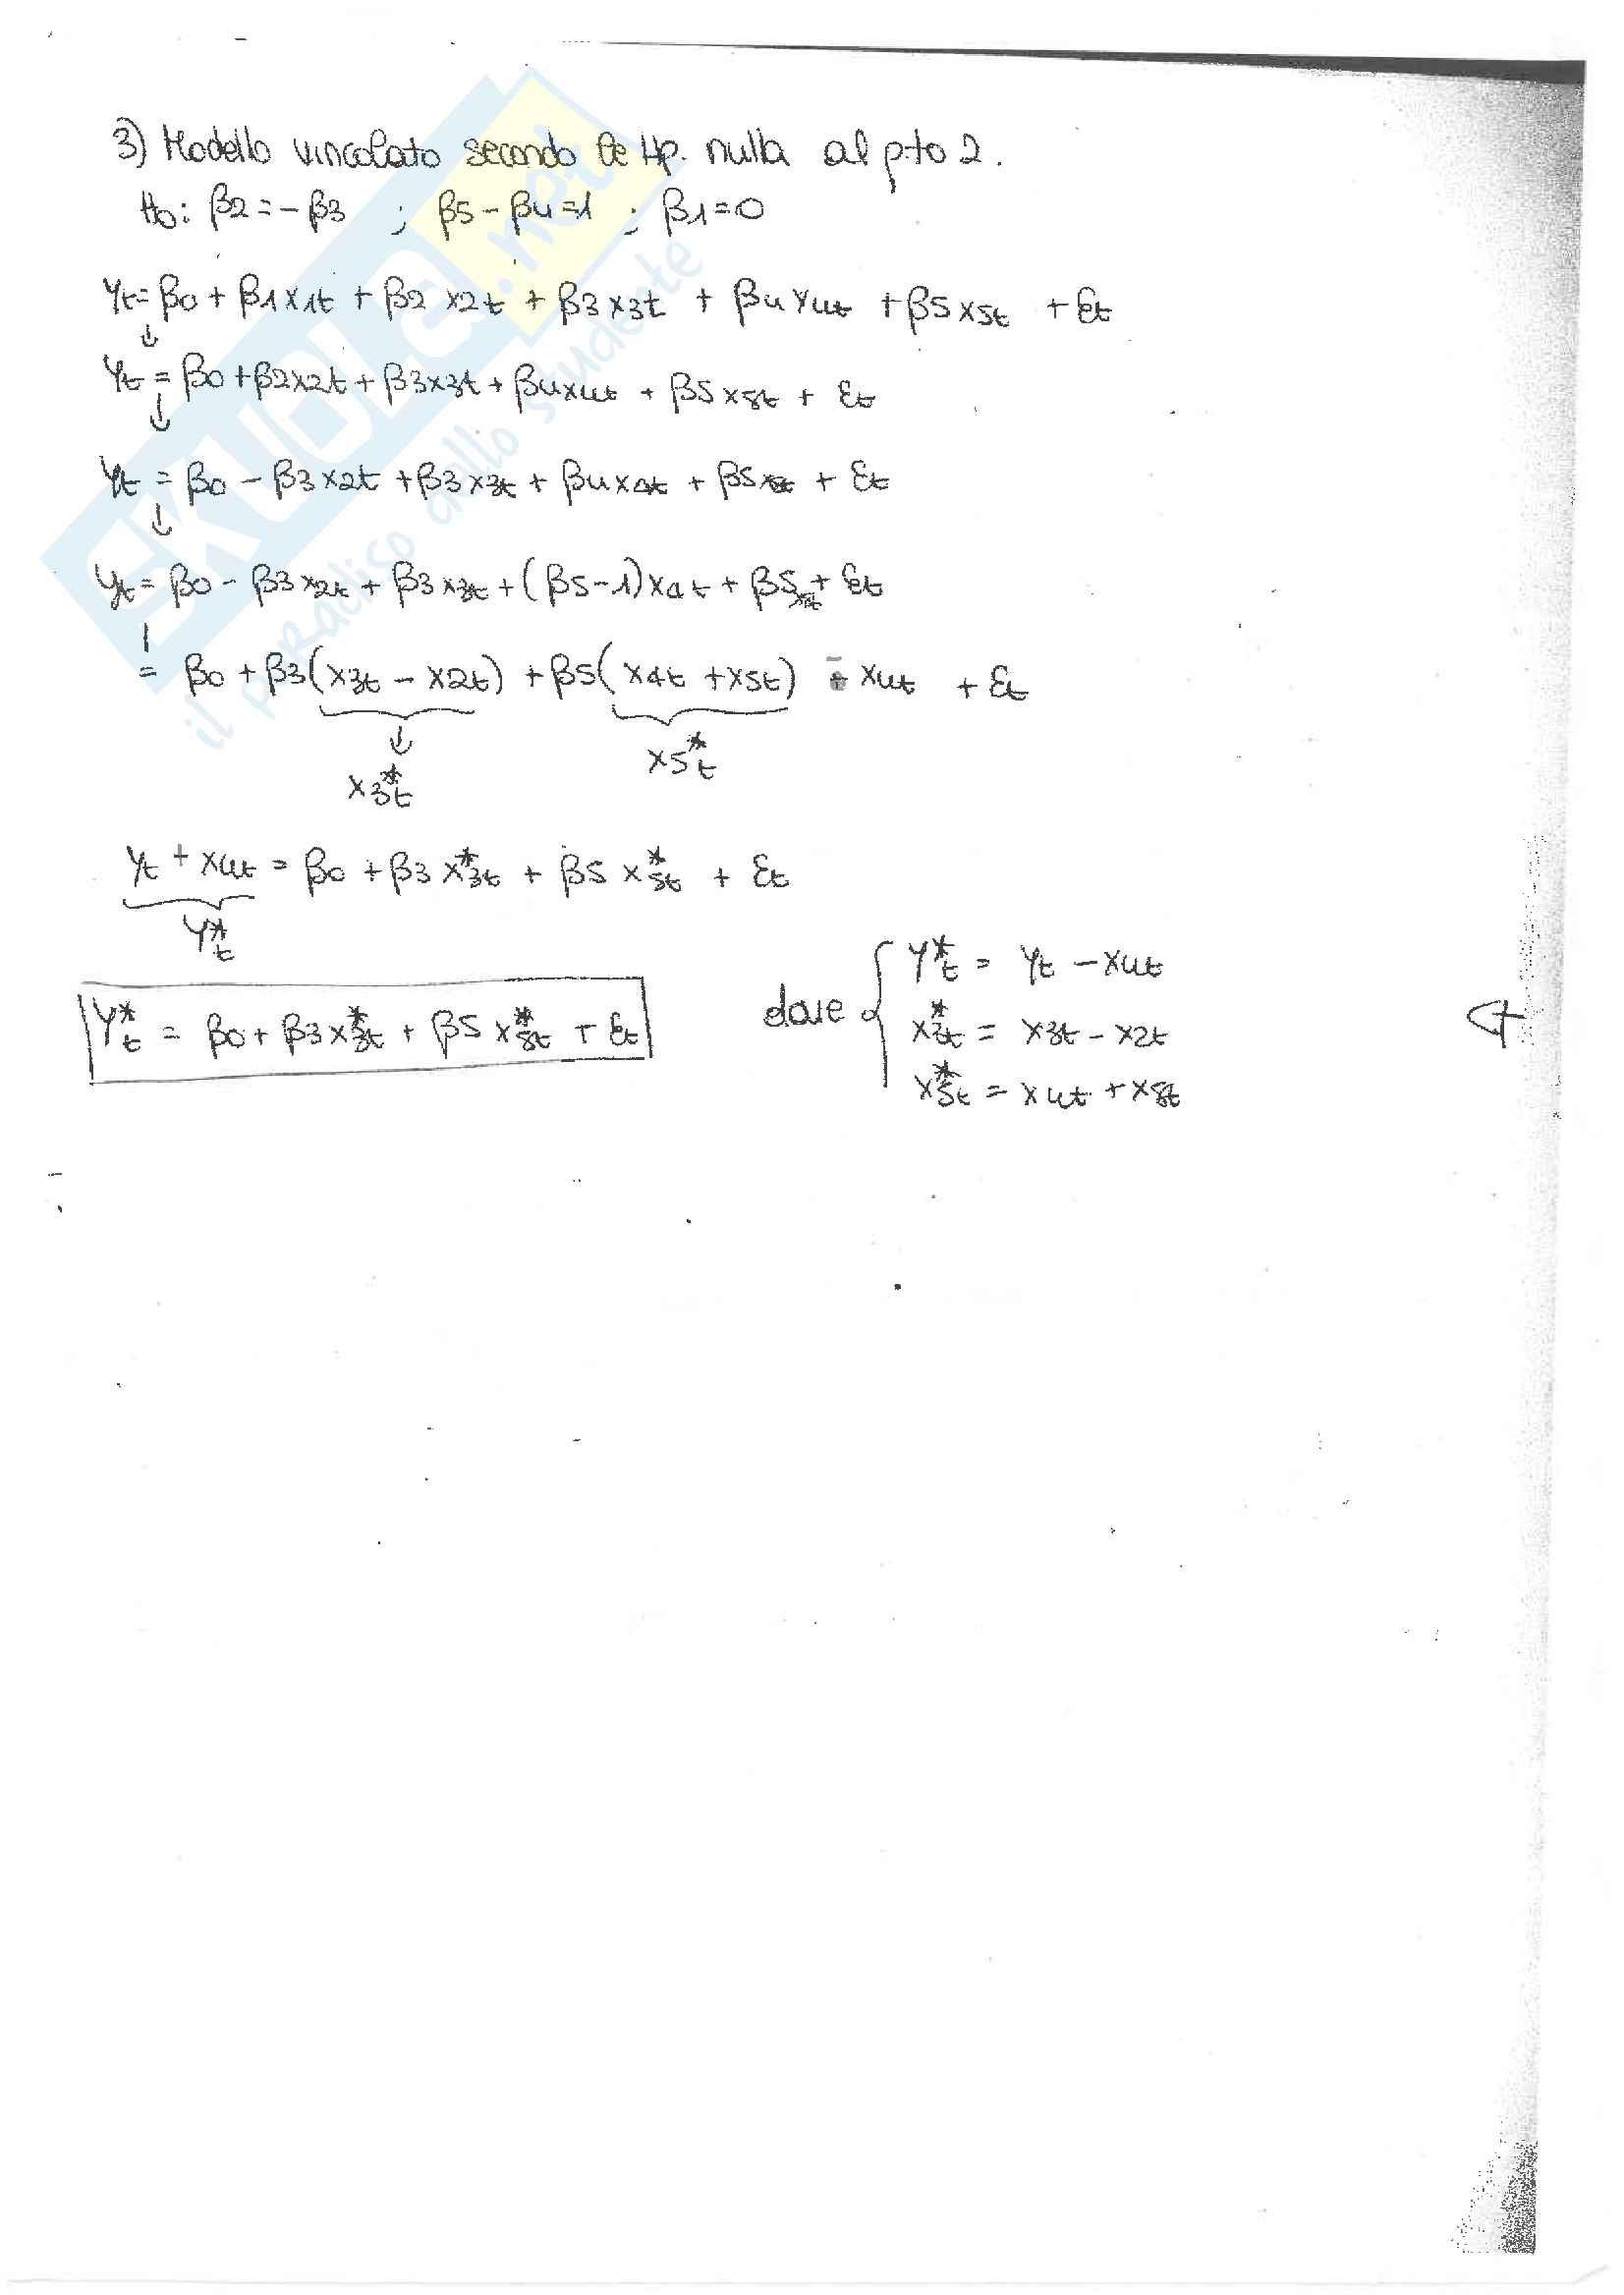 Esami di econometria con soluzione, prof. Casarin